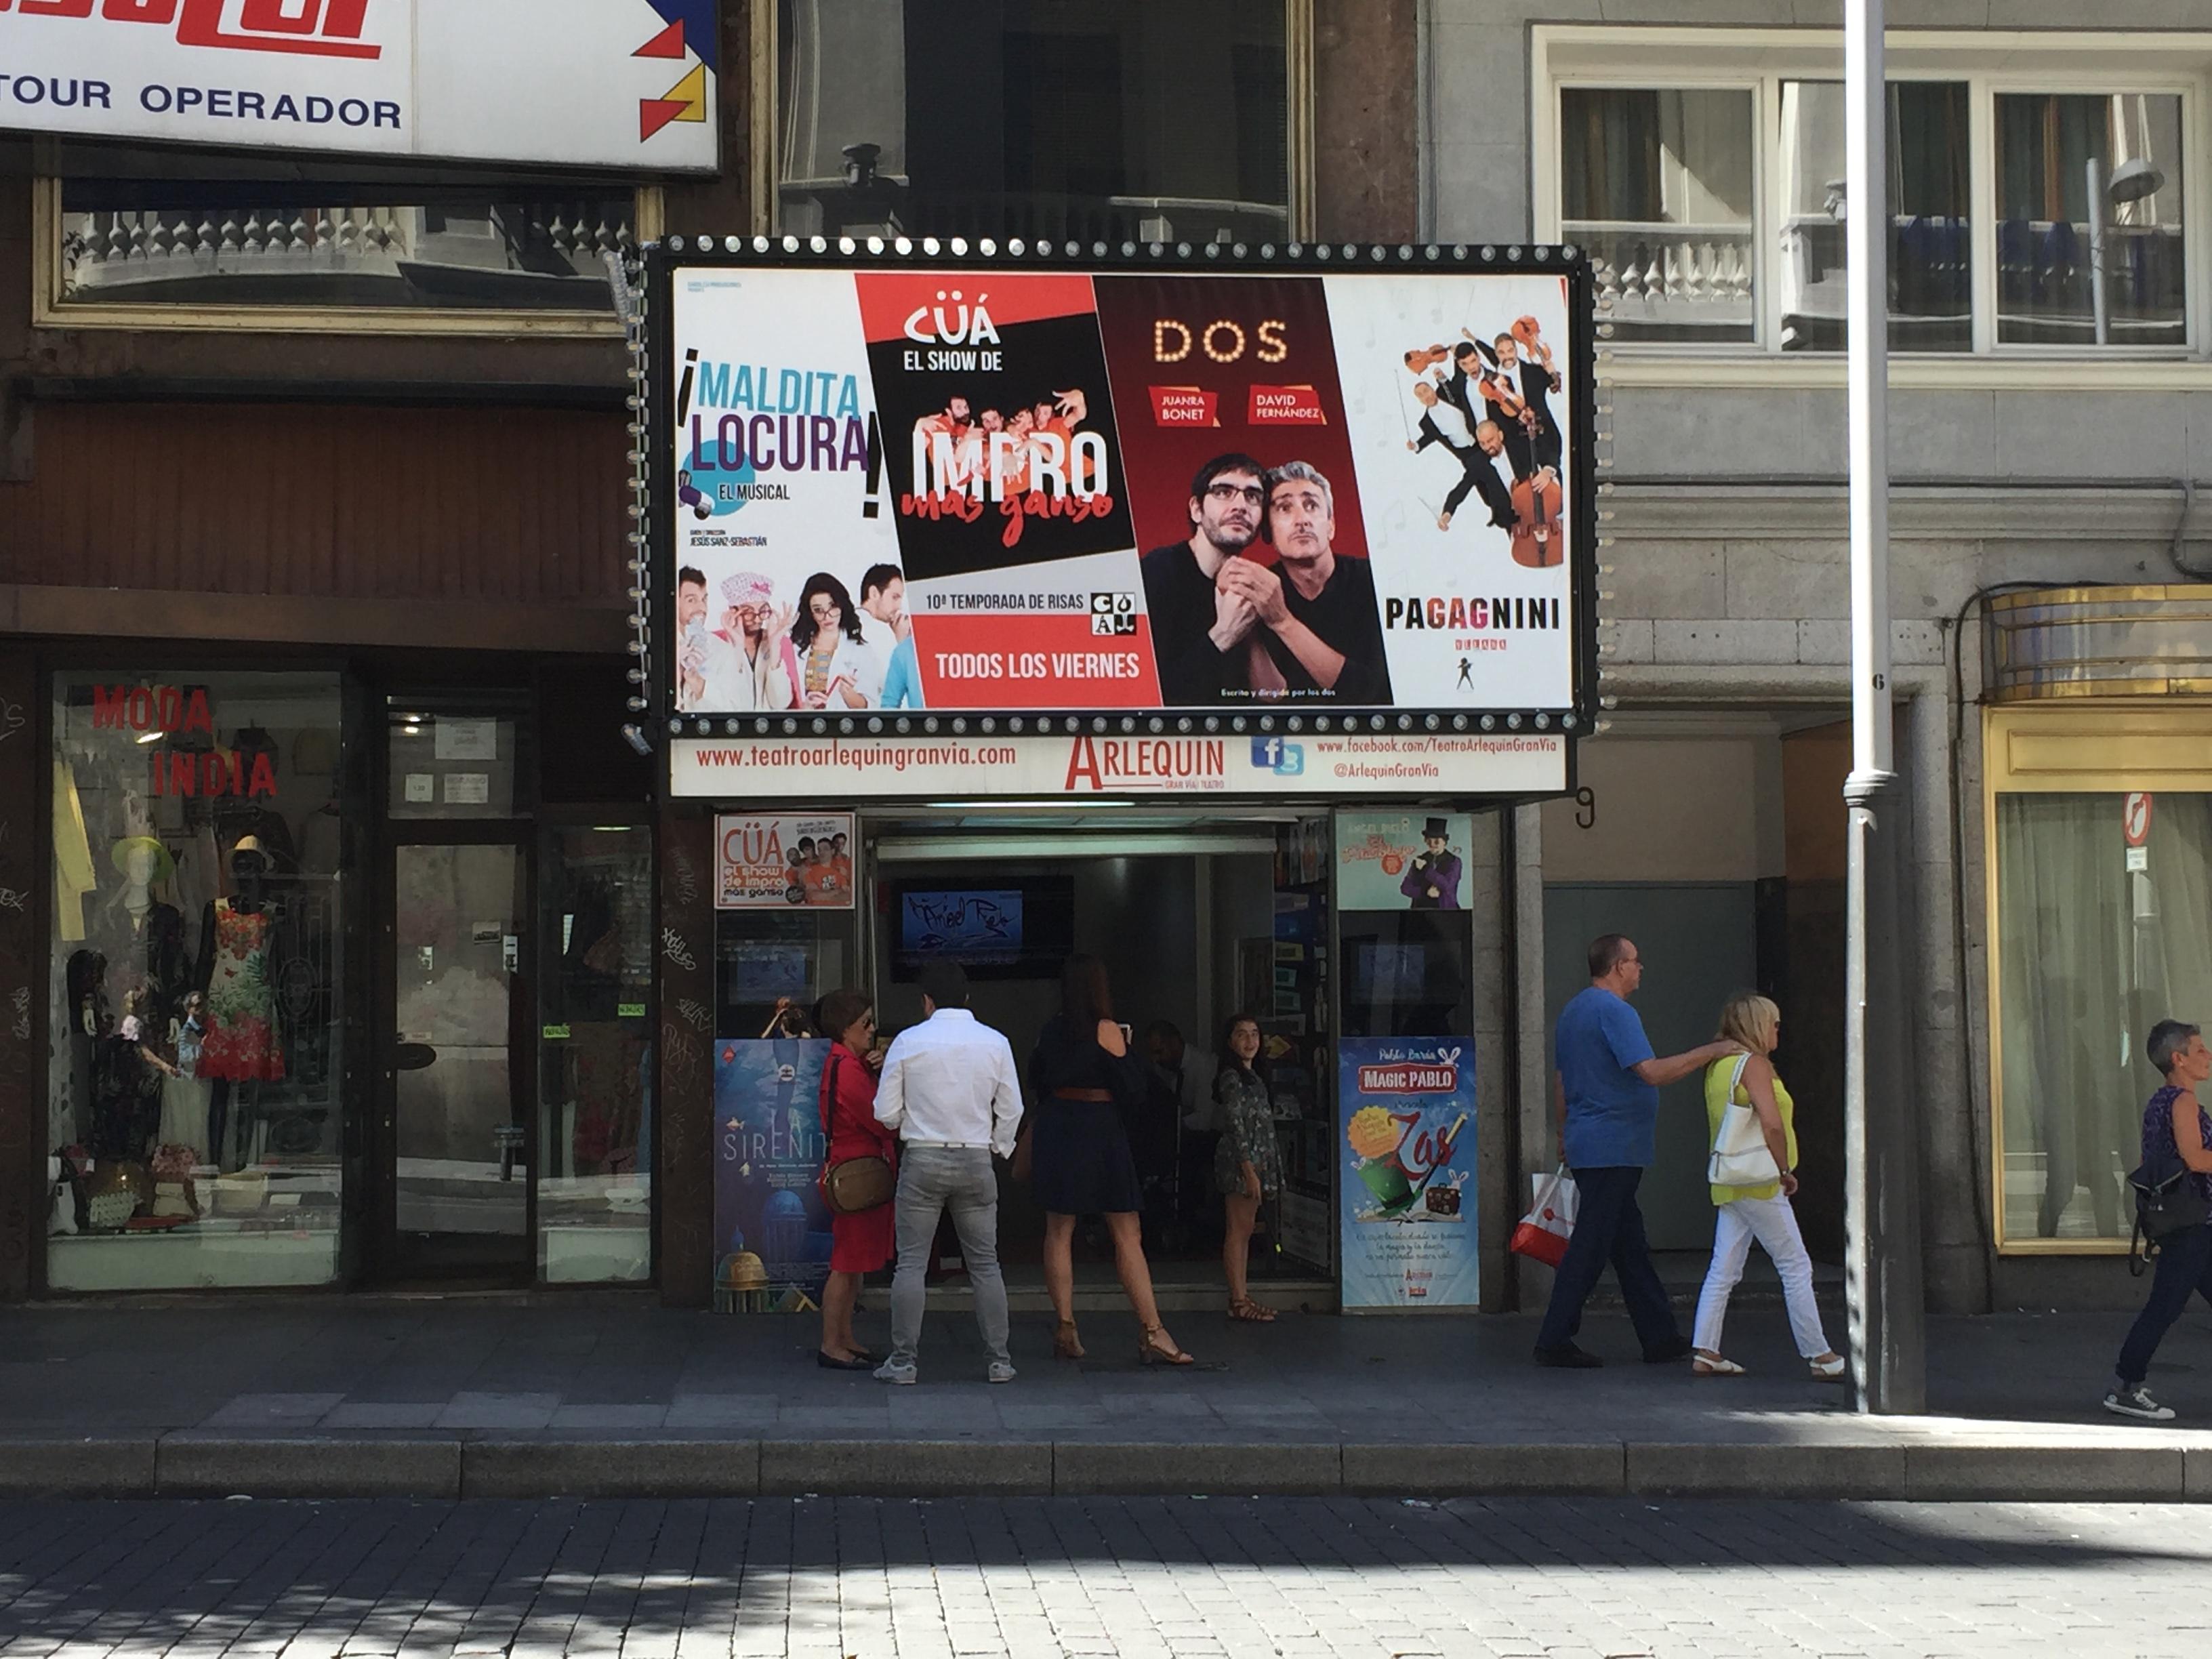 Sacar entradas de cines y teatros teatro arlequ n gran v a for Entradas cine barcelona